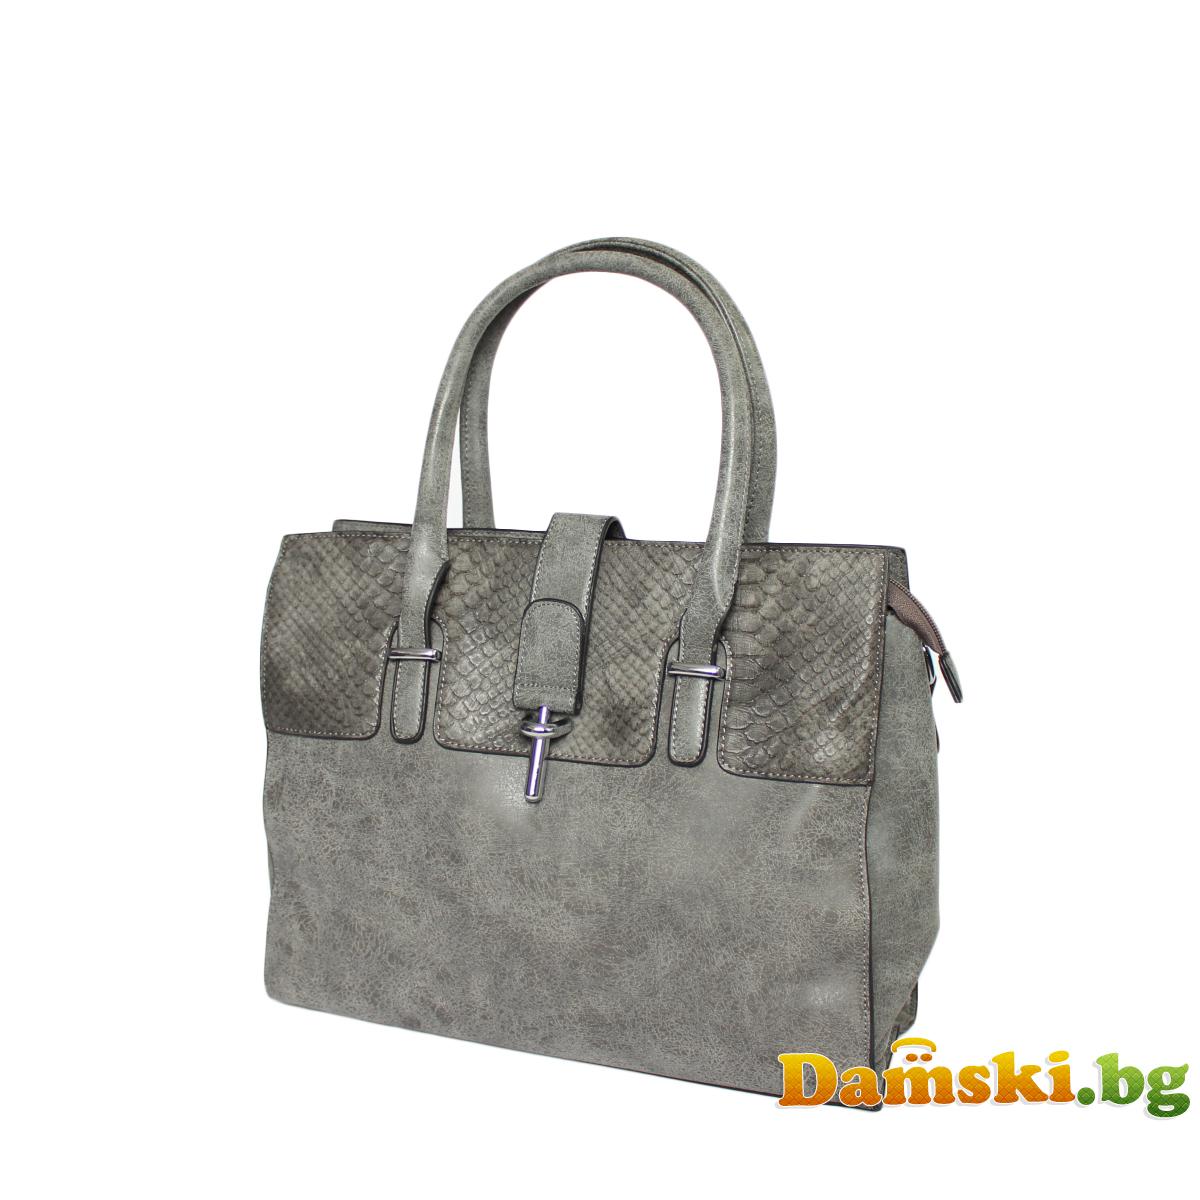 Стилна дамска чанта - змийски кожа Снимка 3 от 4